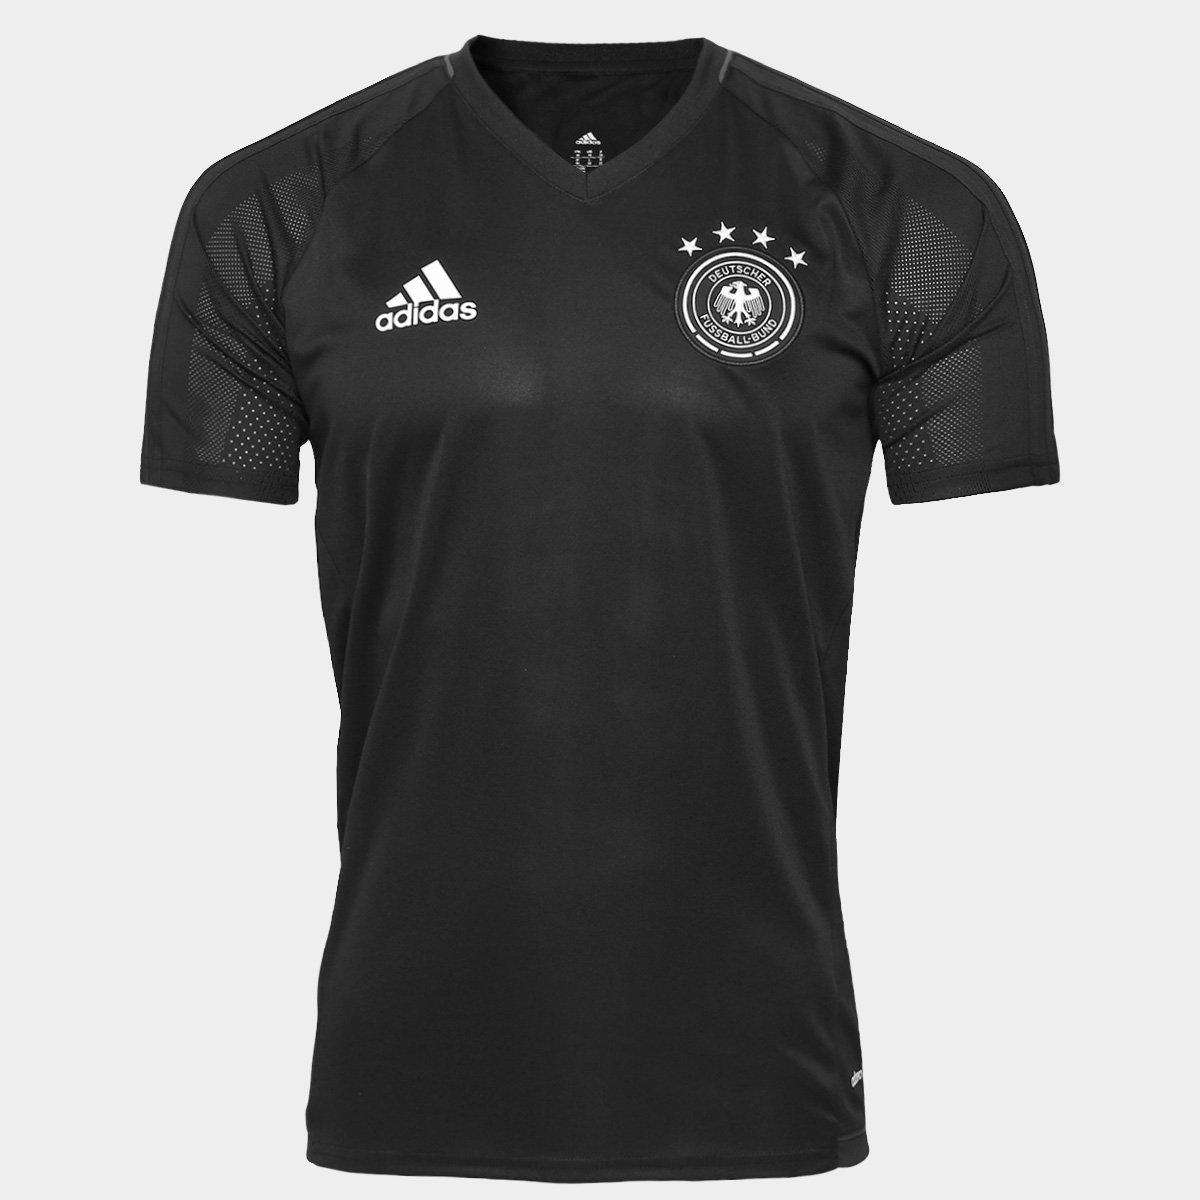 f5884c2a52 Camisa Adidas Seleção Alemanha 17 18 Treino - Compre Agora